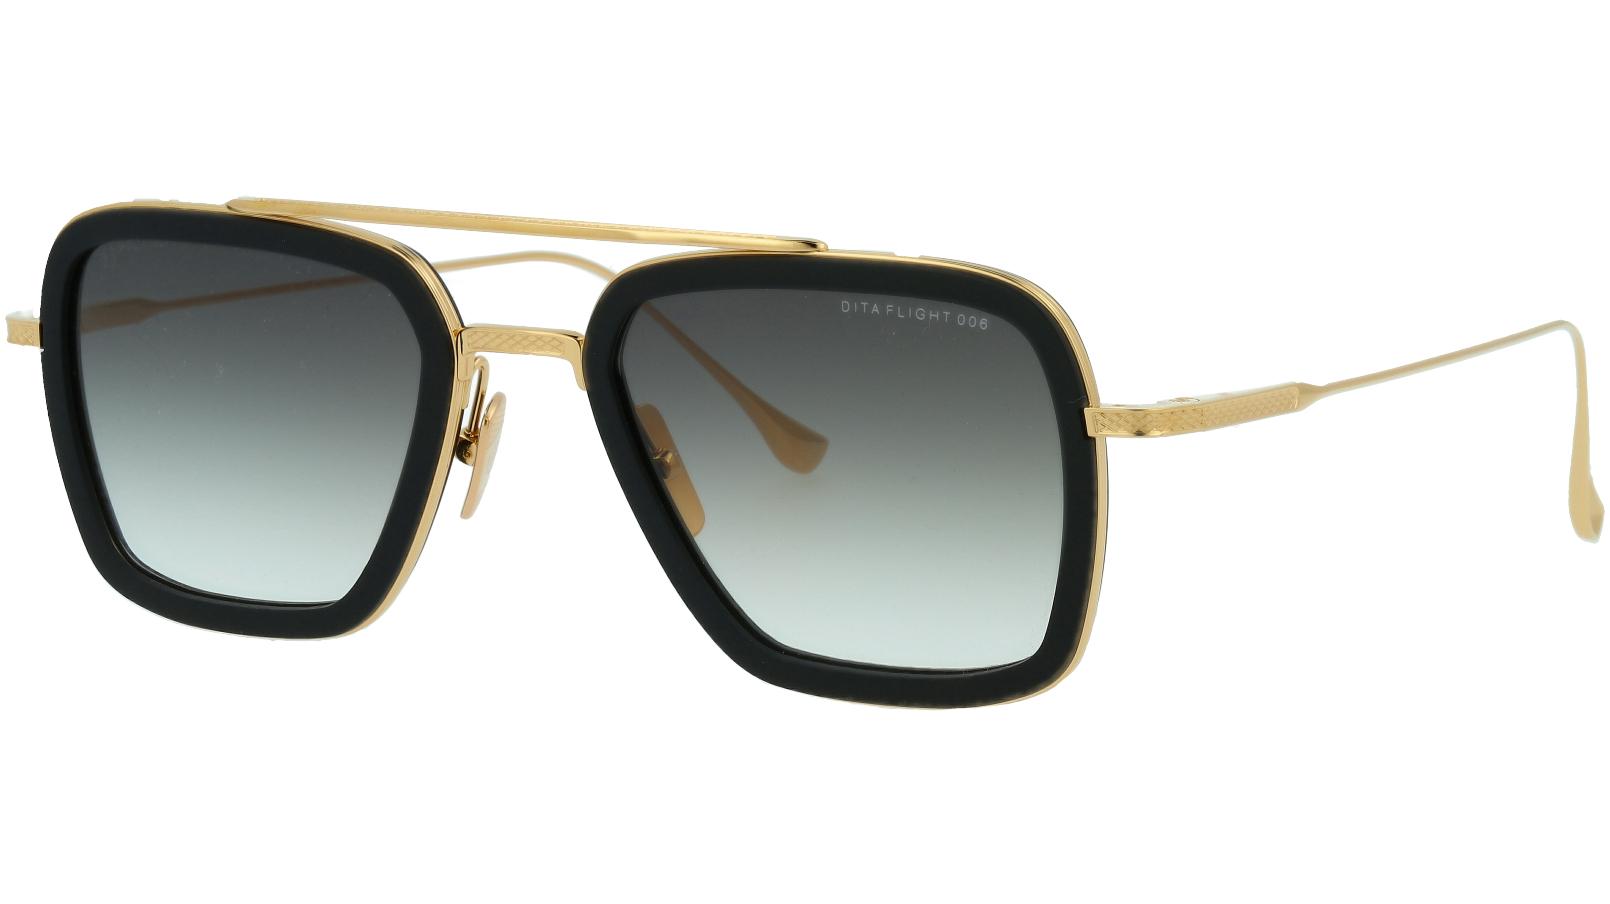 DITA FLIGHT.006 DRX7806 B-BLACK 52 GOLD Sunglasses